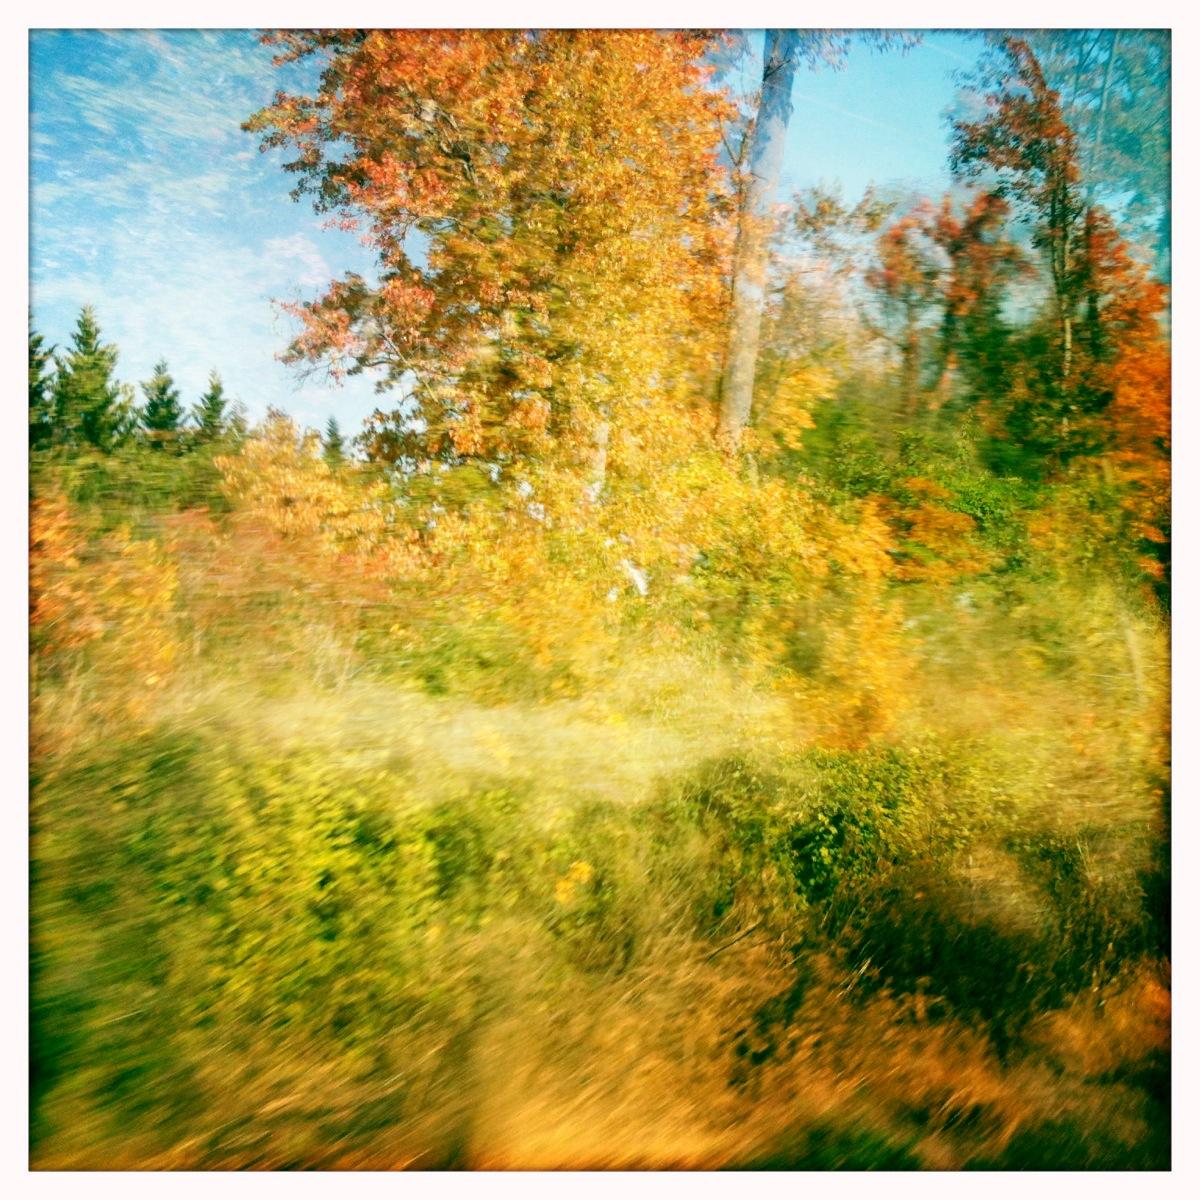 Fall (x2)